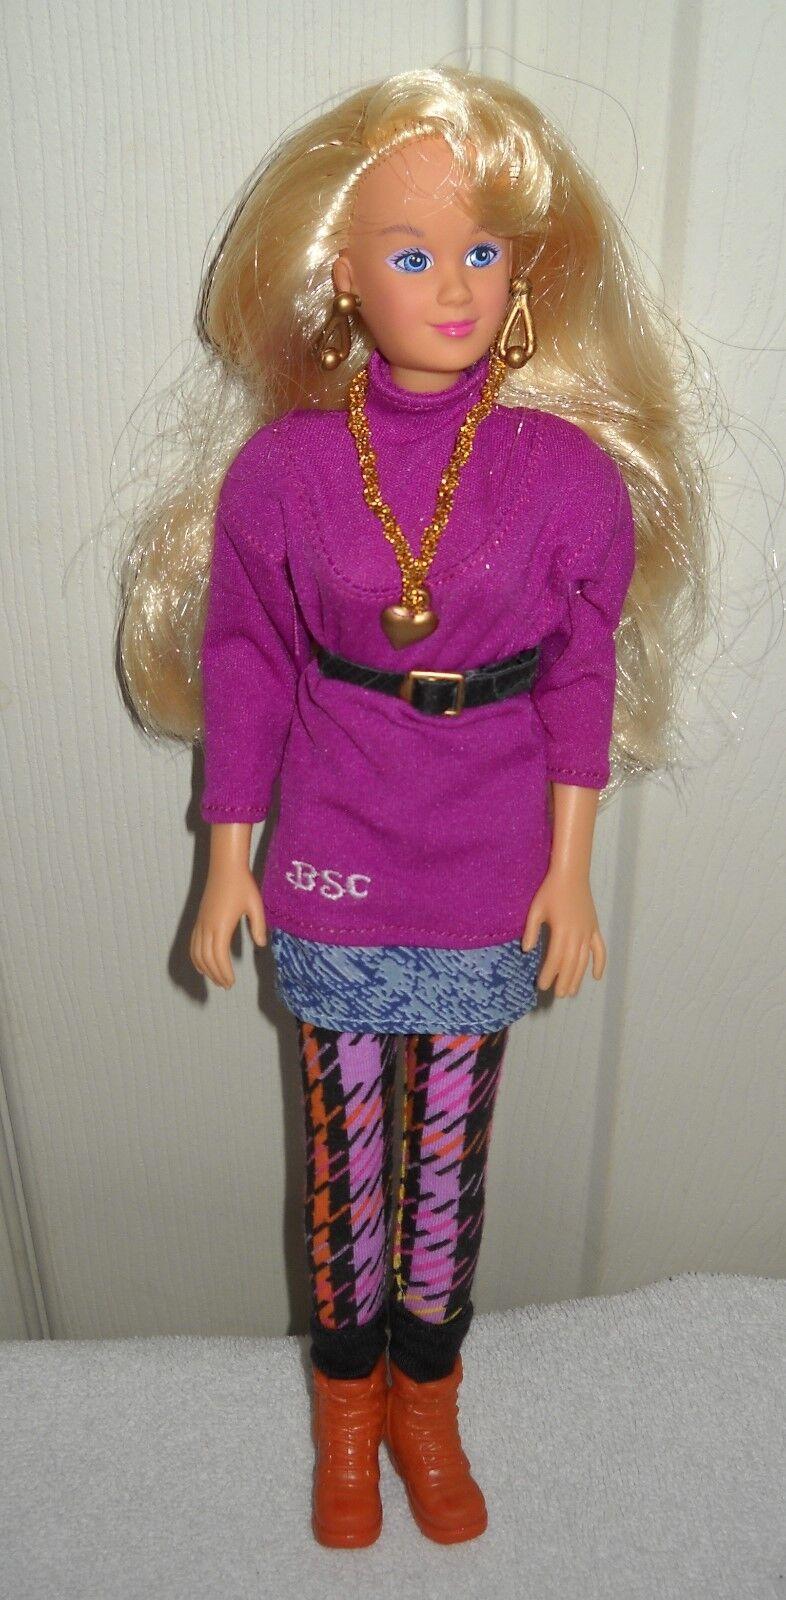 Nueva Muñeca muestra niñeras Club Stacey McGill